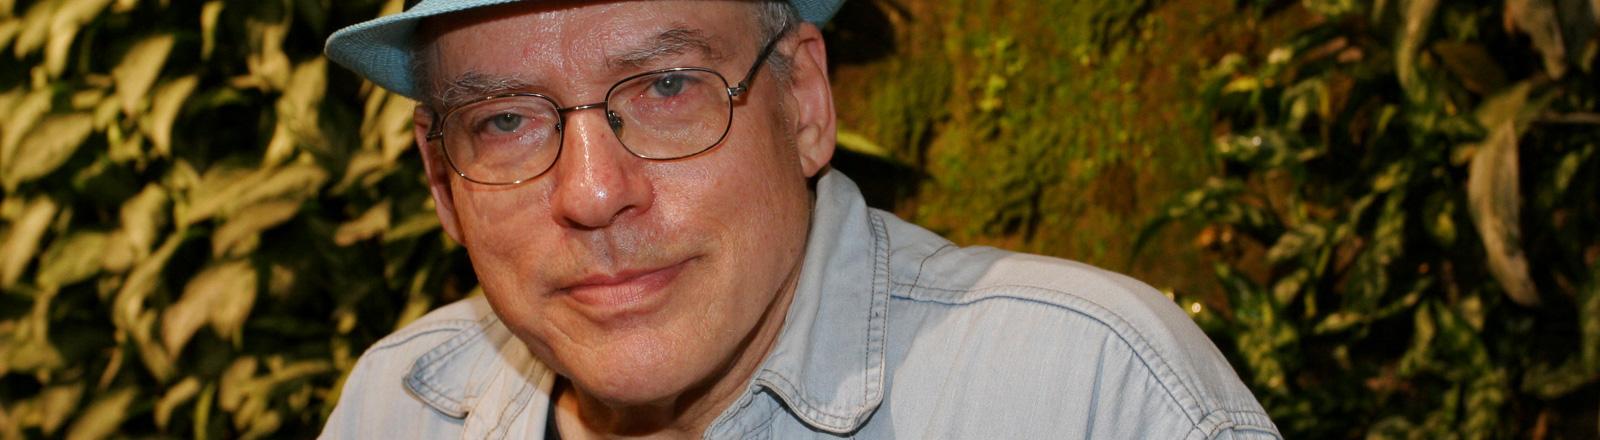 Rosa von Praunheim am 21.11.2012. Er trägt eine Brille und einen hellblauen Hut; Bild: dpa